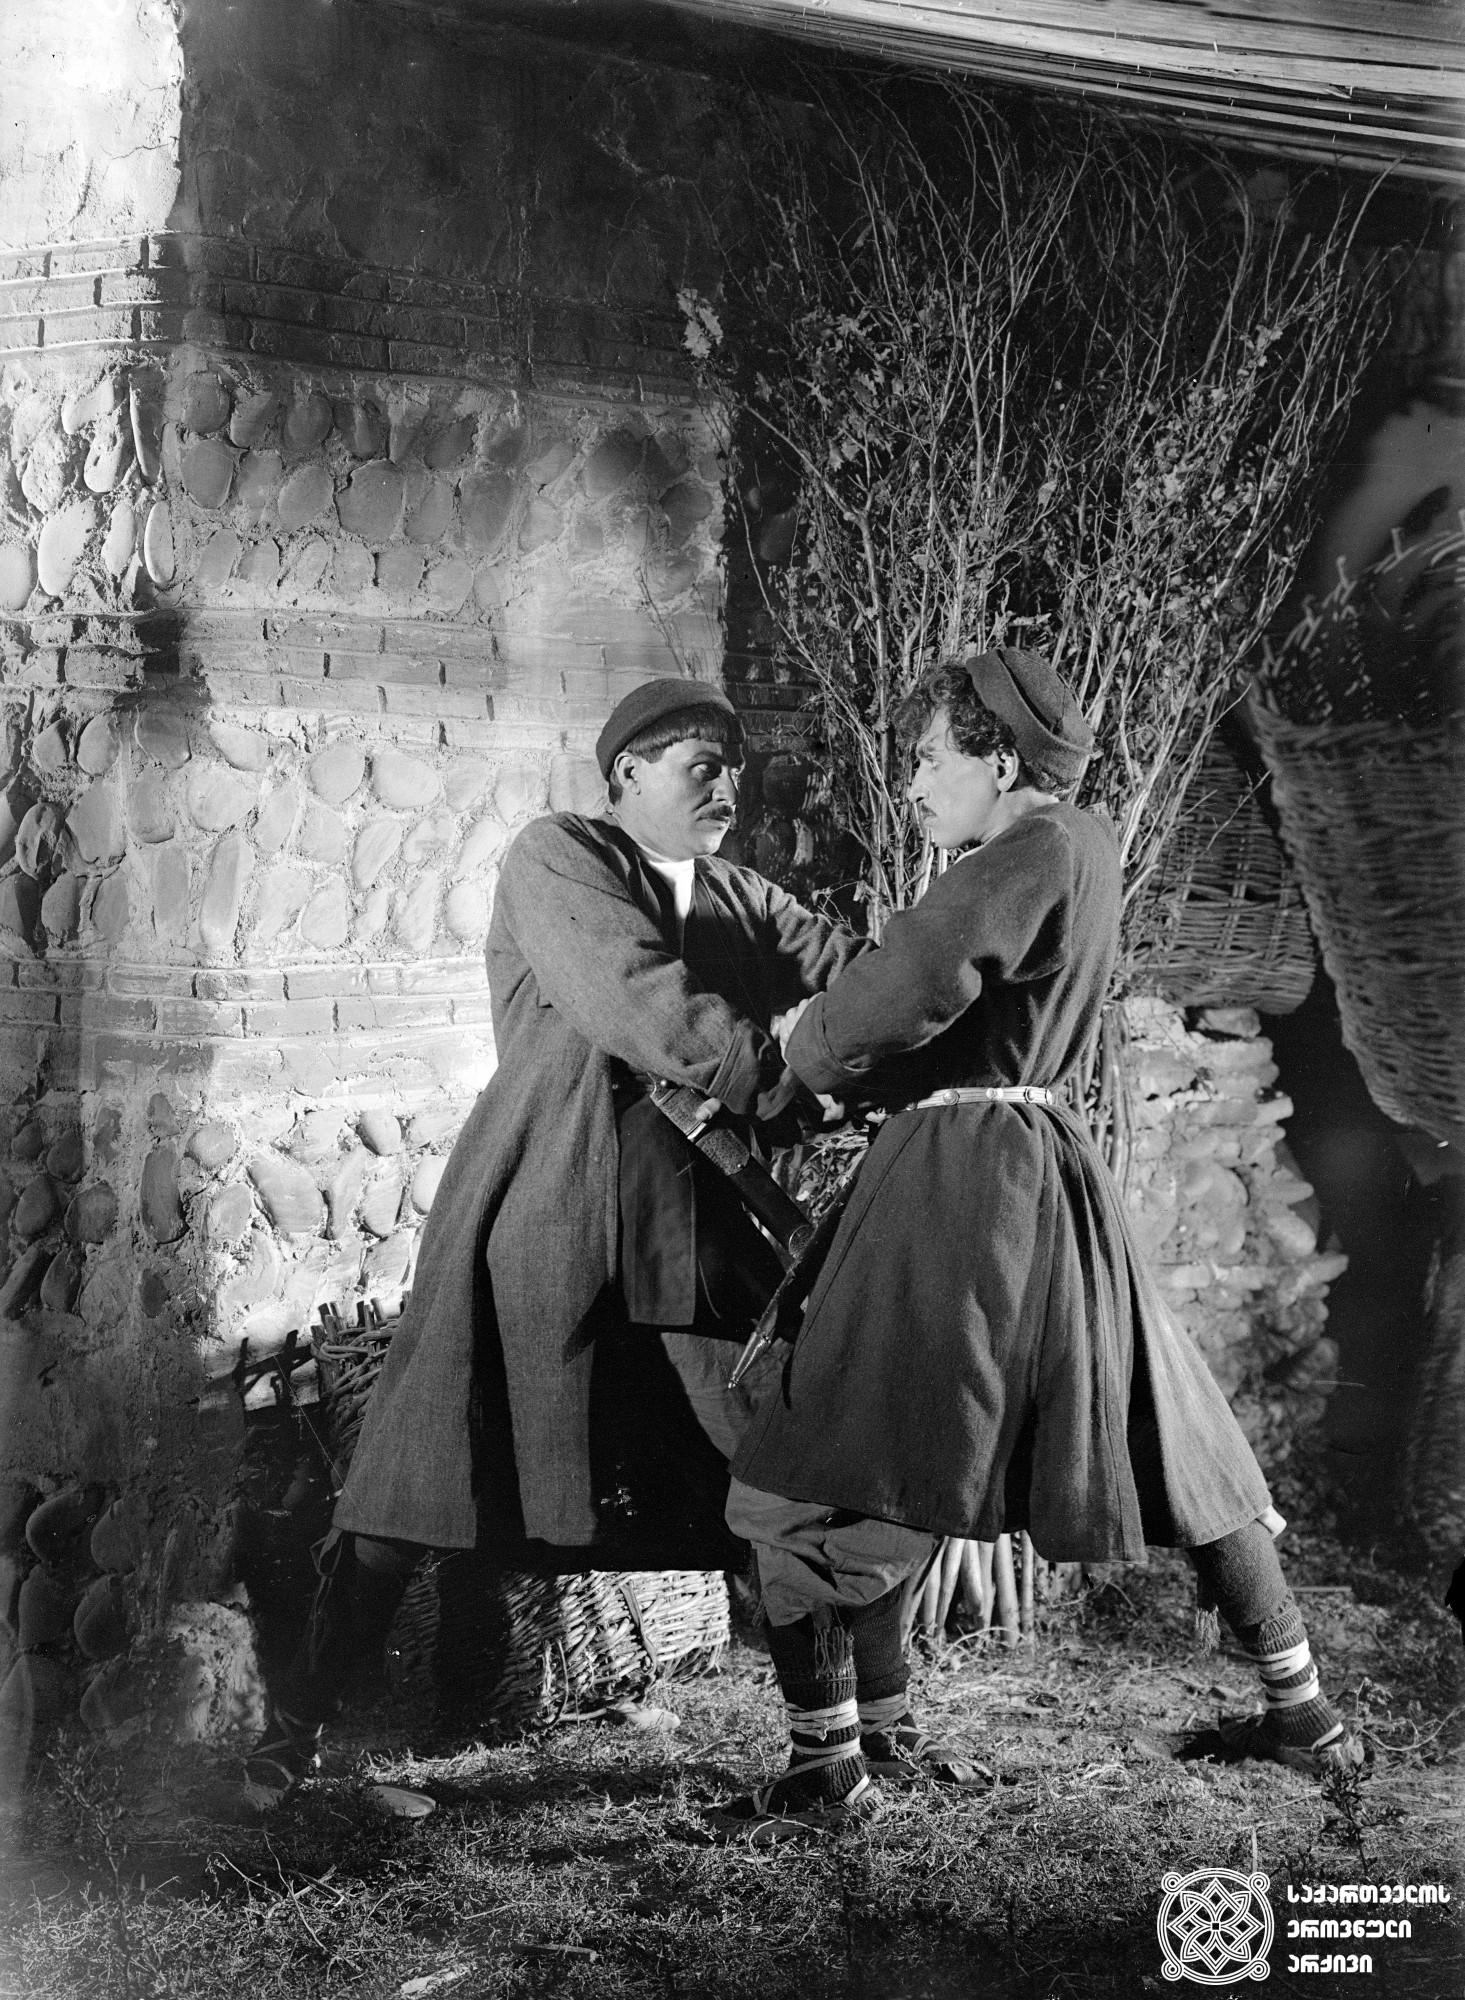 """""""ორი მონადირე"""". 1927. <br> რეჟისორი: ალექსანდრე წუწუნავა. <br> სცენარის ავტორები: ალექსანდრე წუწუნავა, ლერი ჯაფარიძე. ოპერატორი: სერგეი ზაბოზლაევი. მხატვარი: ვალერიან-სიდამონ ერისთავი. <br>  ფილმი შექმნილია ილია ელეფთერიძის  მოთხრობის მიხედვით. <br>  ფოტოზე: კოტე მიქაბერიძე(მარჯვნივ), მიხეილ გელოვანი (მარცხნივ). <br>  Ori Monadire (Two Hunters). 1927.  Director: Aleksandre Tsutsunava. <br> Screenwriters: Aleksandre Tsutsunava, Leri Japharidze. Camera operator: Sergei Zabozlaev. Production designer: Valerian Sidamon-eristavi. <br> Filmed according to Ilia Elepteridze's story. <br>  On the photo: Kote Mikaberidze (on the right), Mikheil Gelovani (on the left)."""